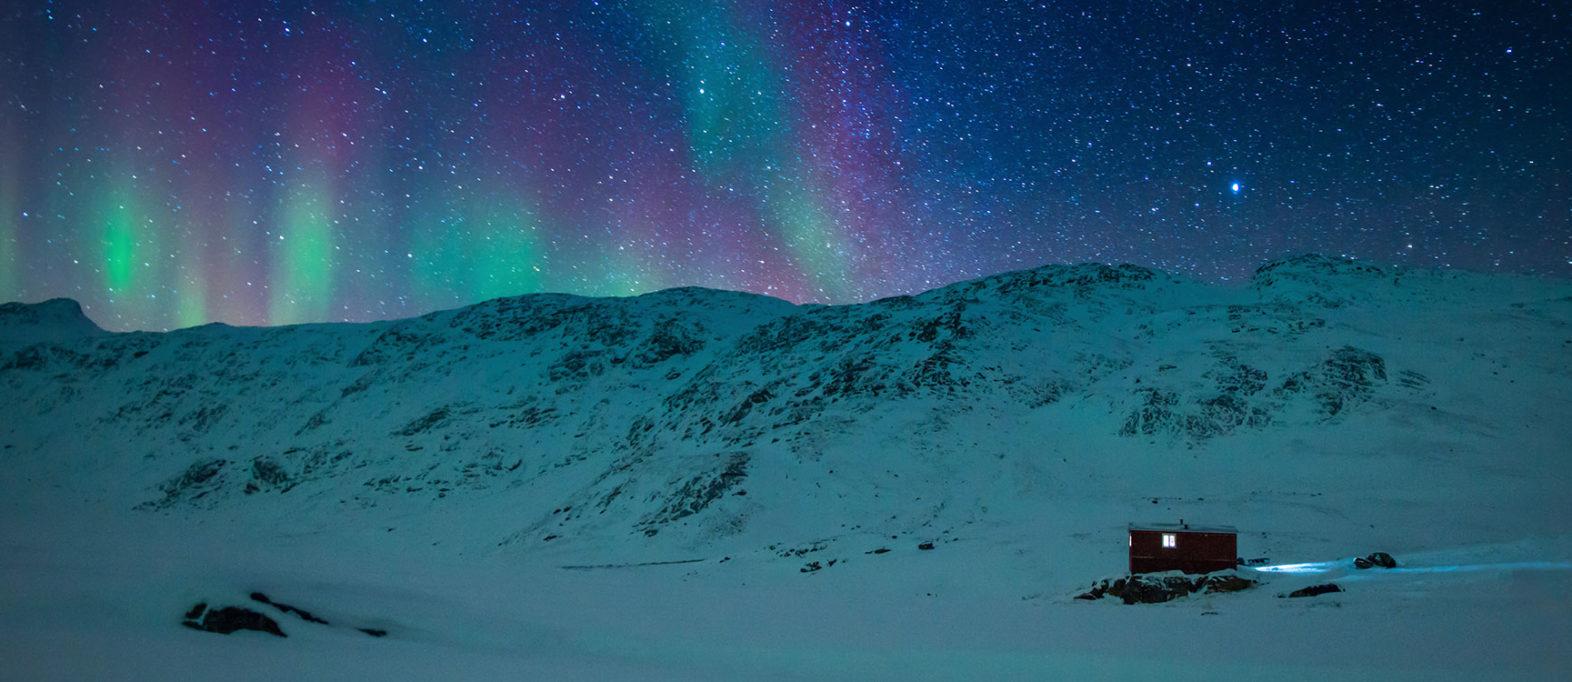 groenland-winter-polarlicht